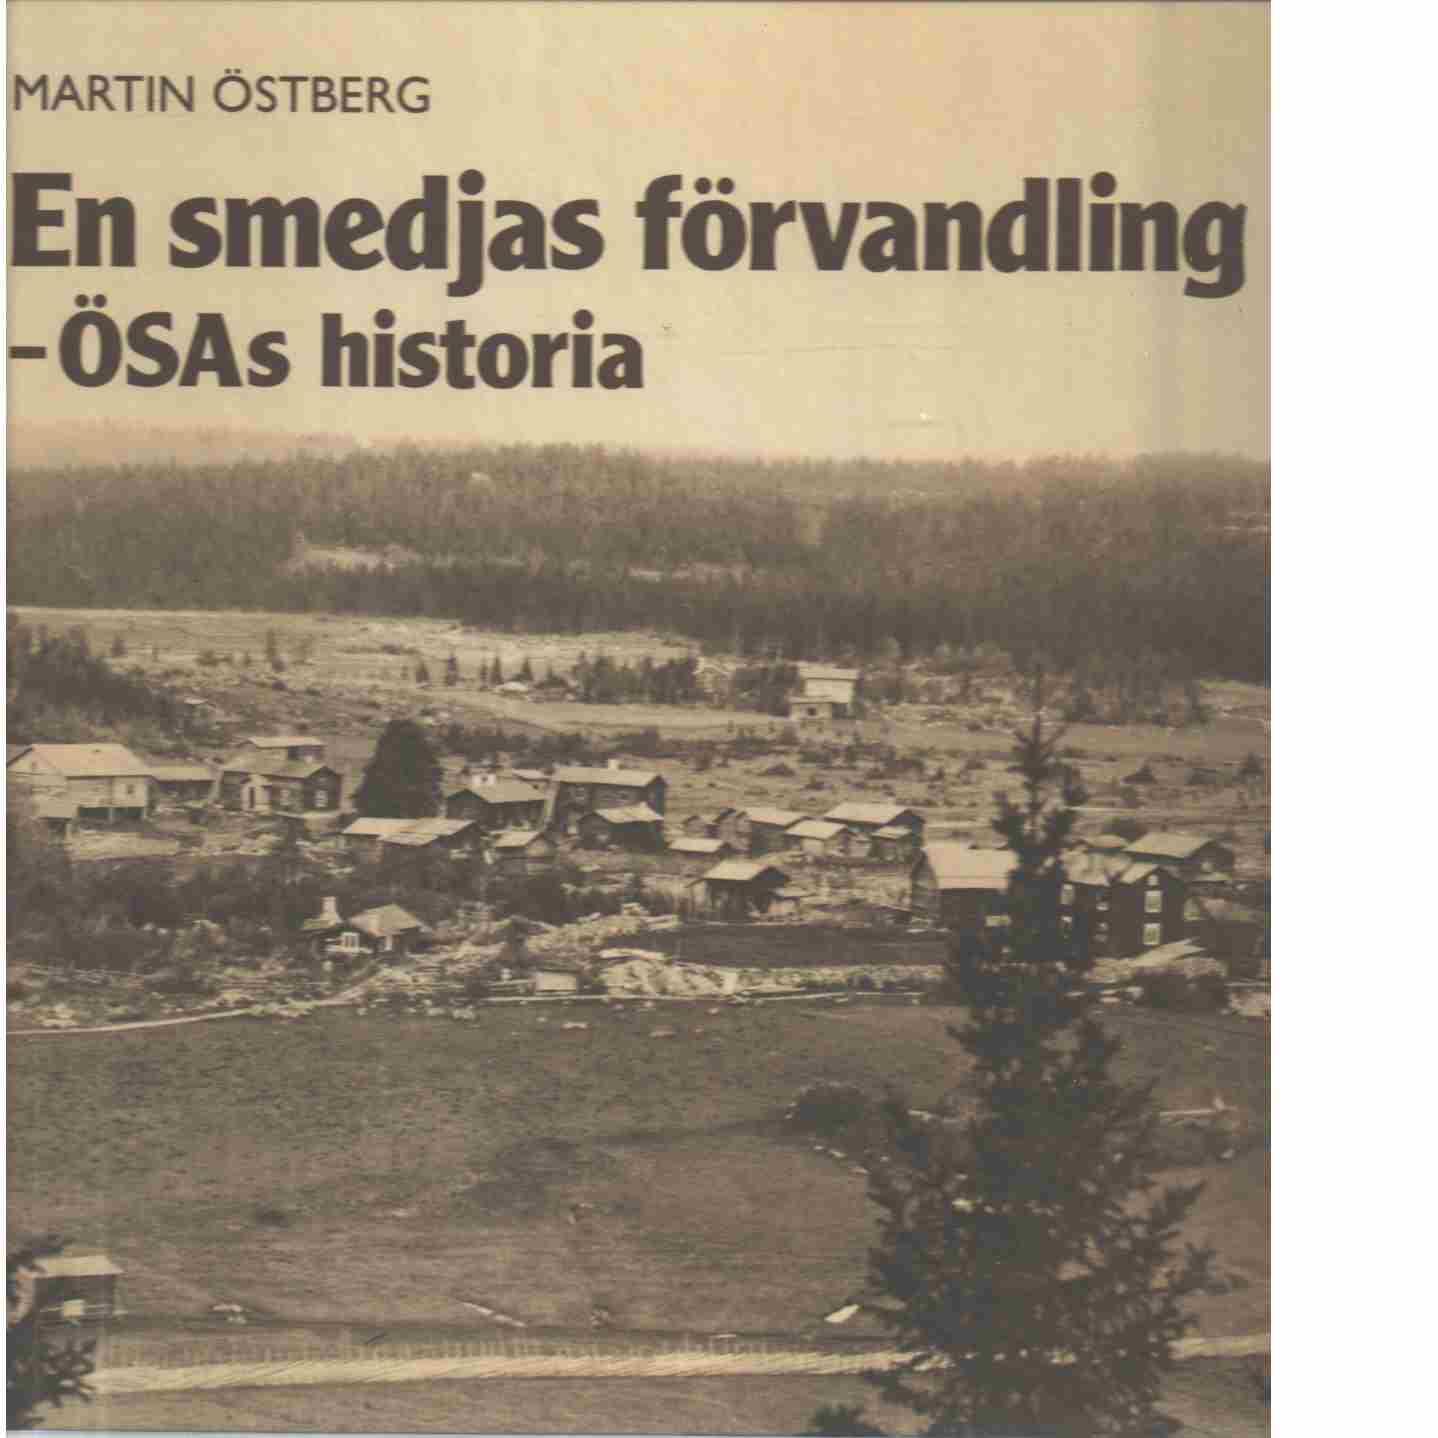 En smedjas förvandling - ÖSAs historia - Östberg, Martin